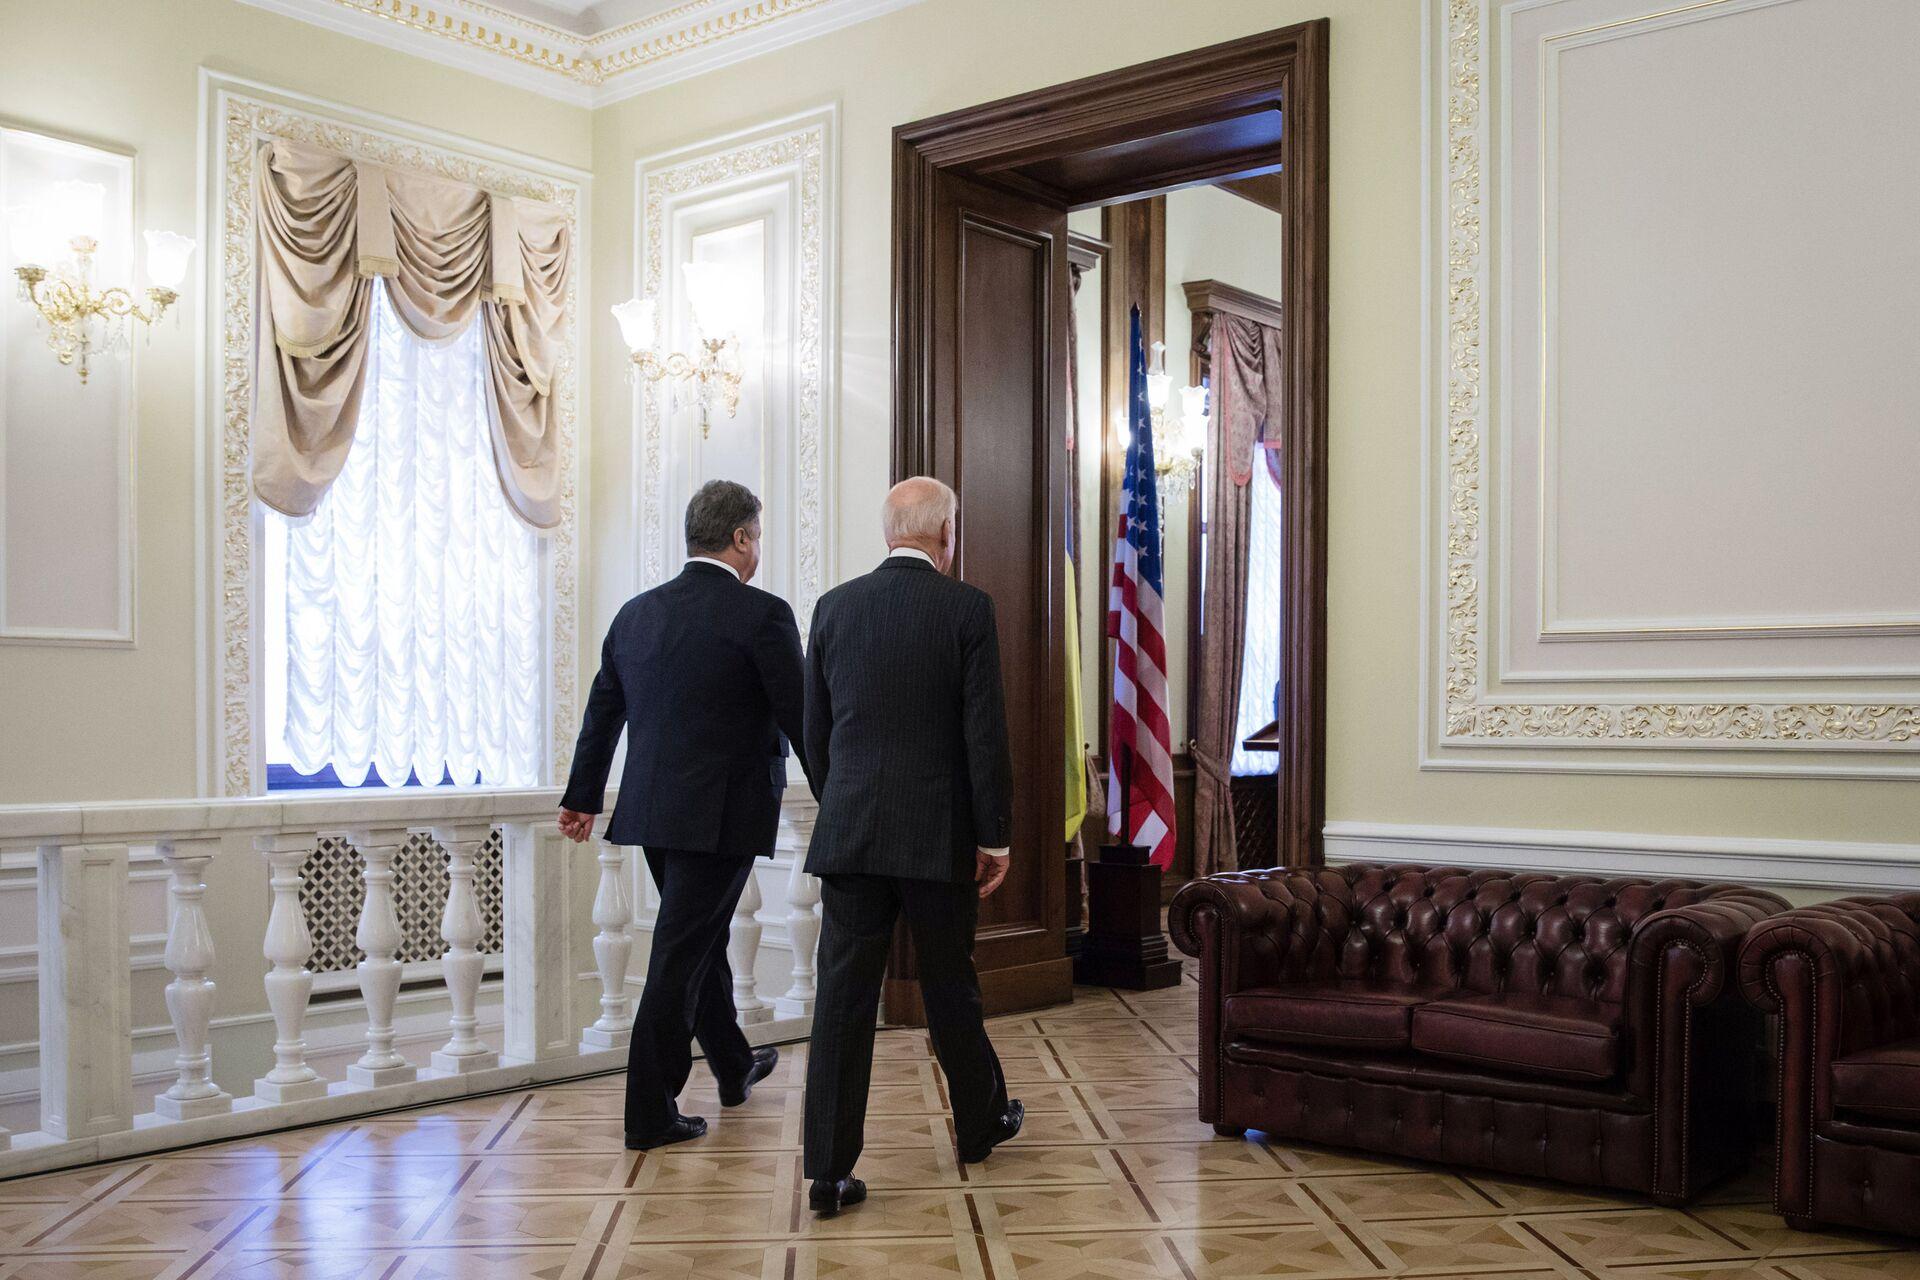 Президент Украины Петр Порошенко и вице-президент США Джо Байден перед началом пресс-конференции в Киеве. 16 января 2017 года  - РИА Новости, 1920, 16.09.2020